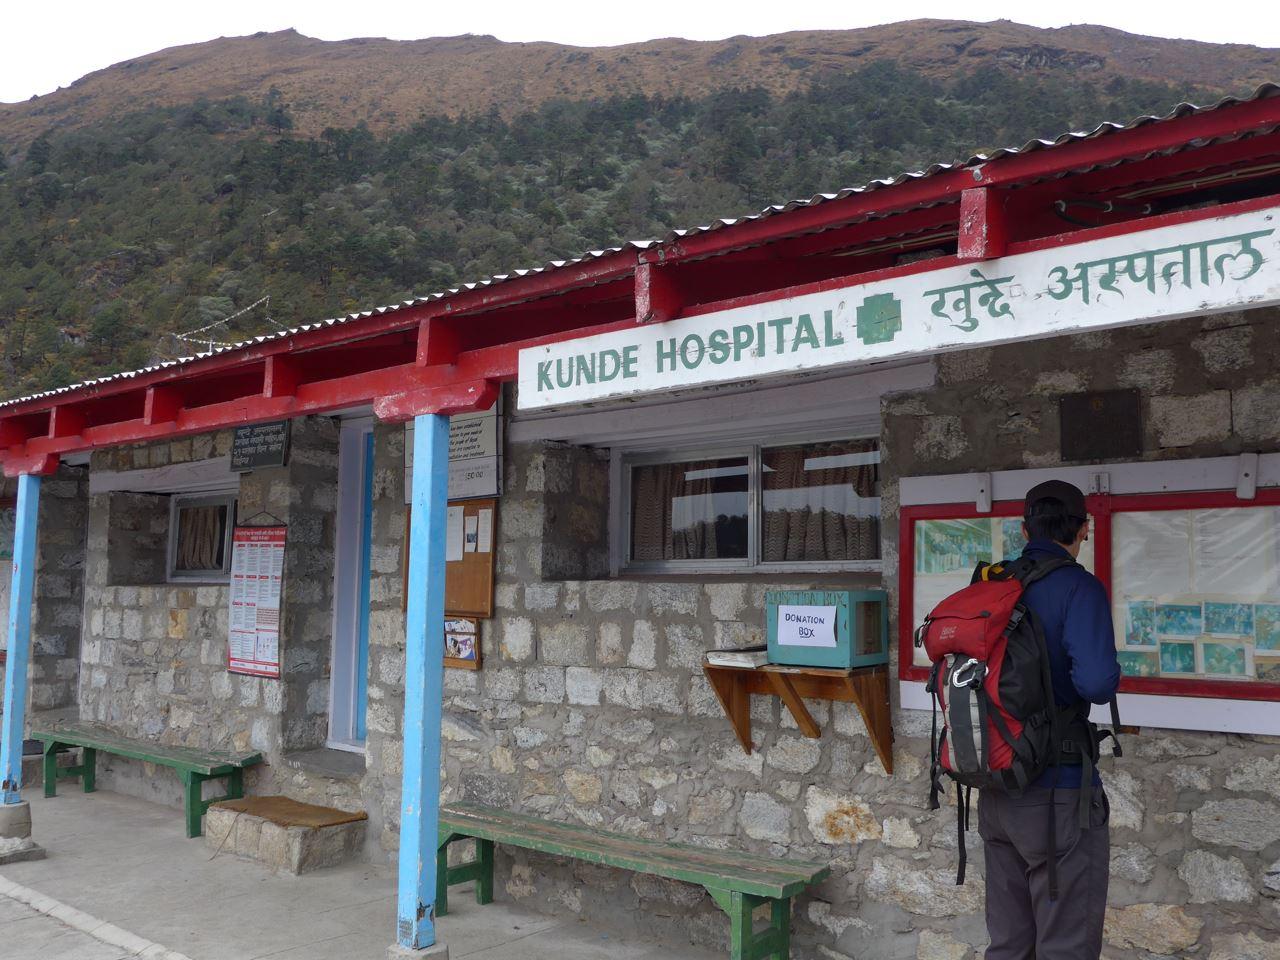 Kunde Hospital